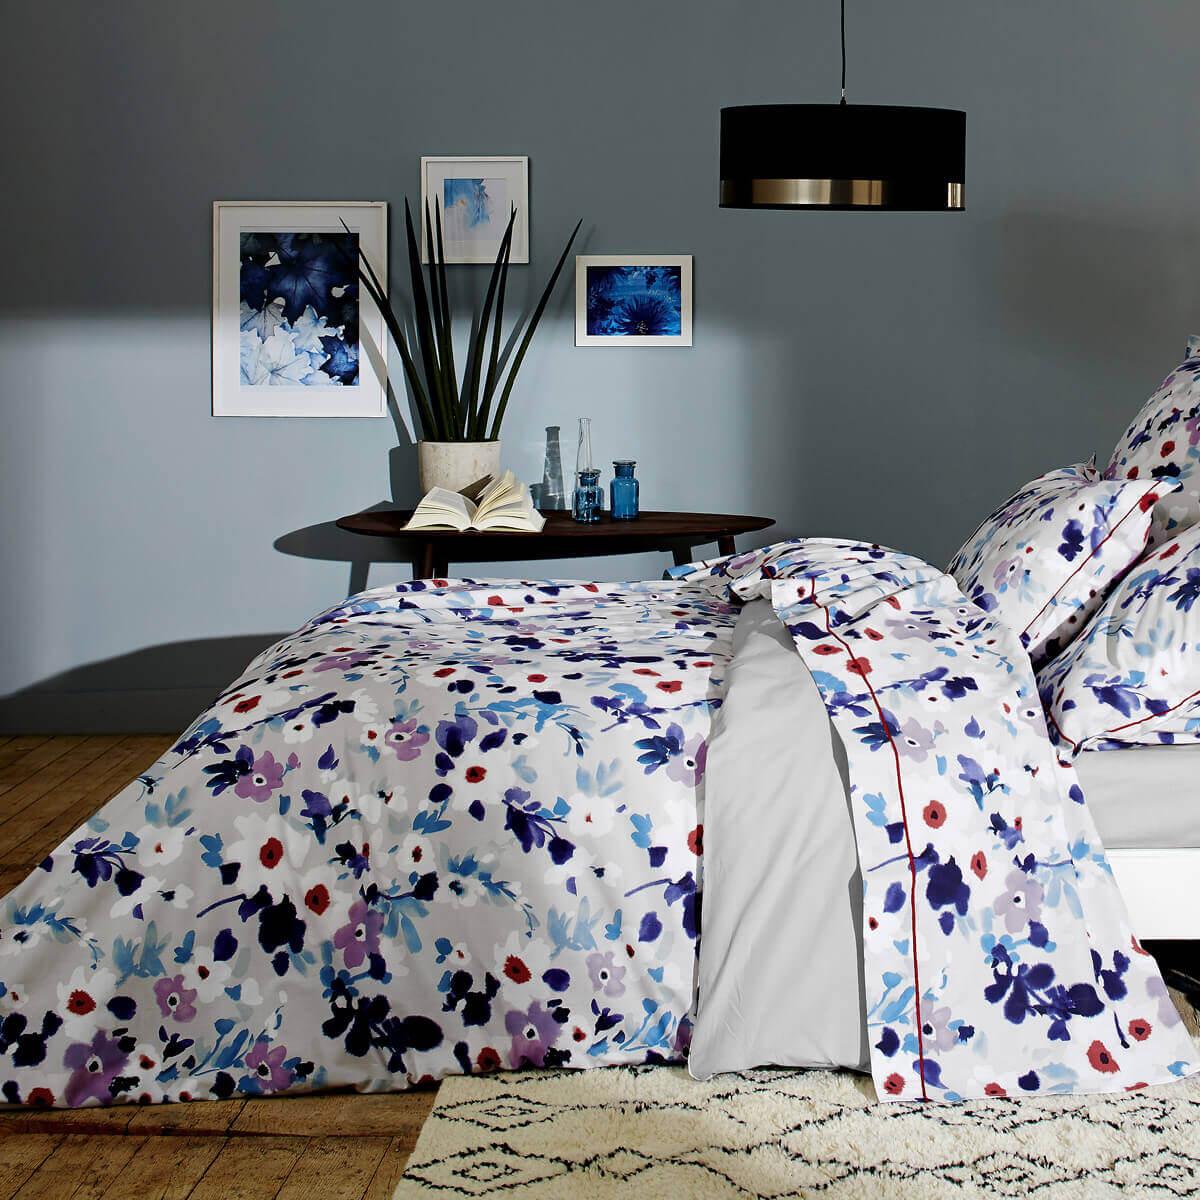 housse de couette fleurie aquarelle linge de lit made. Black Bedroom Furniture Sets. Home Design Ideas